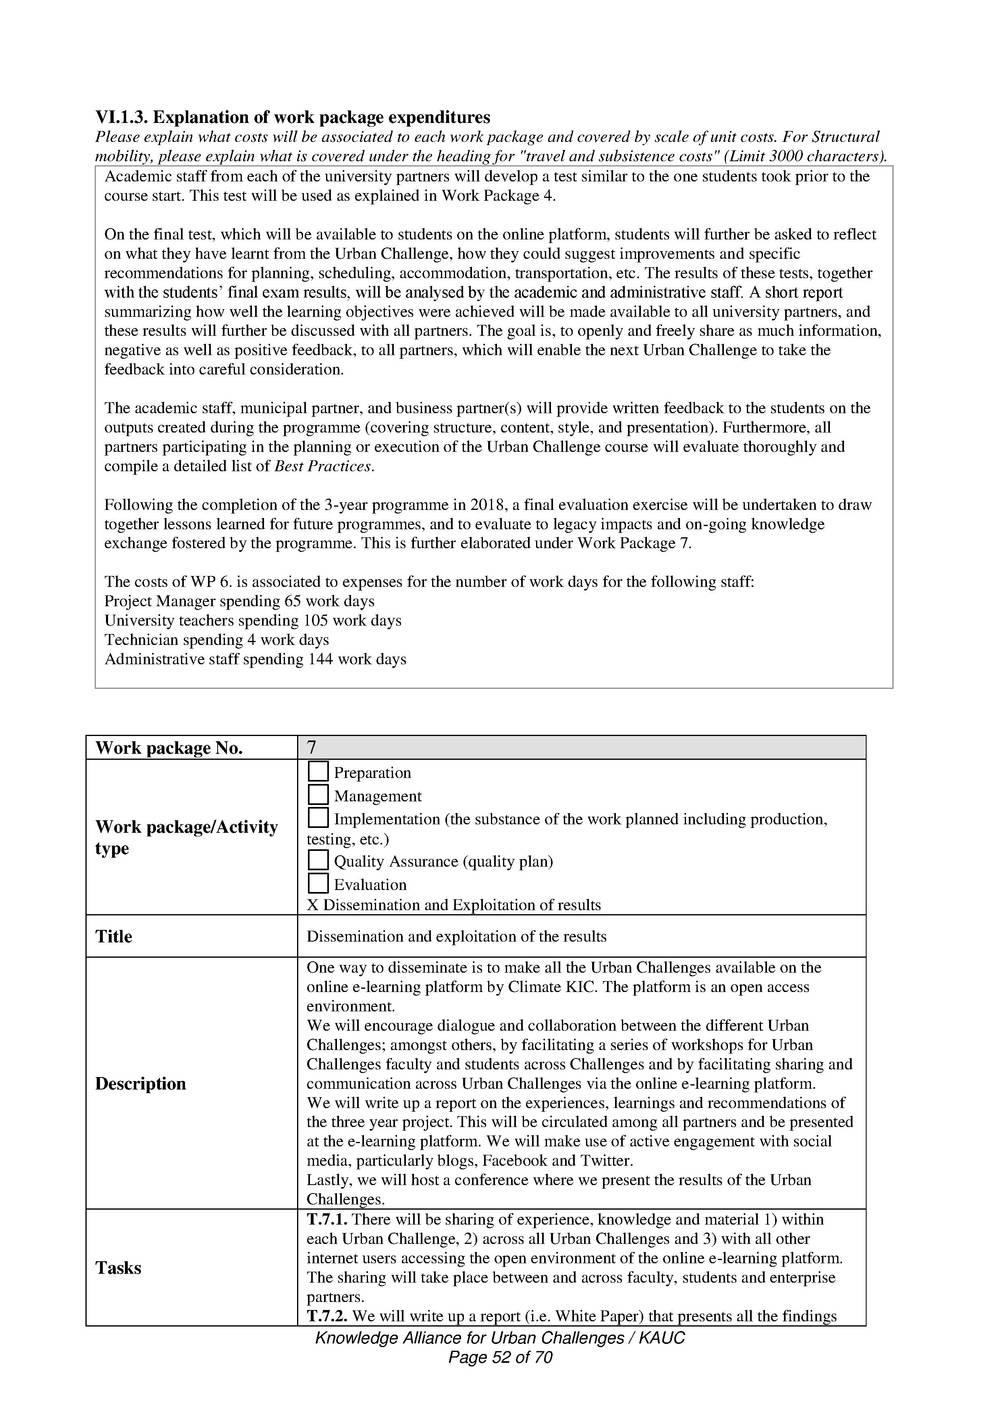 file-page52.jpg